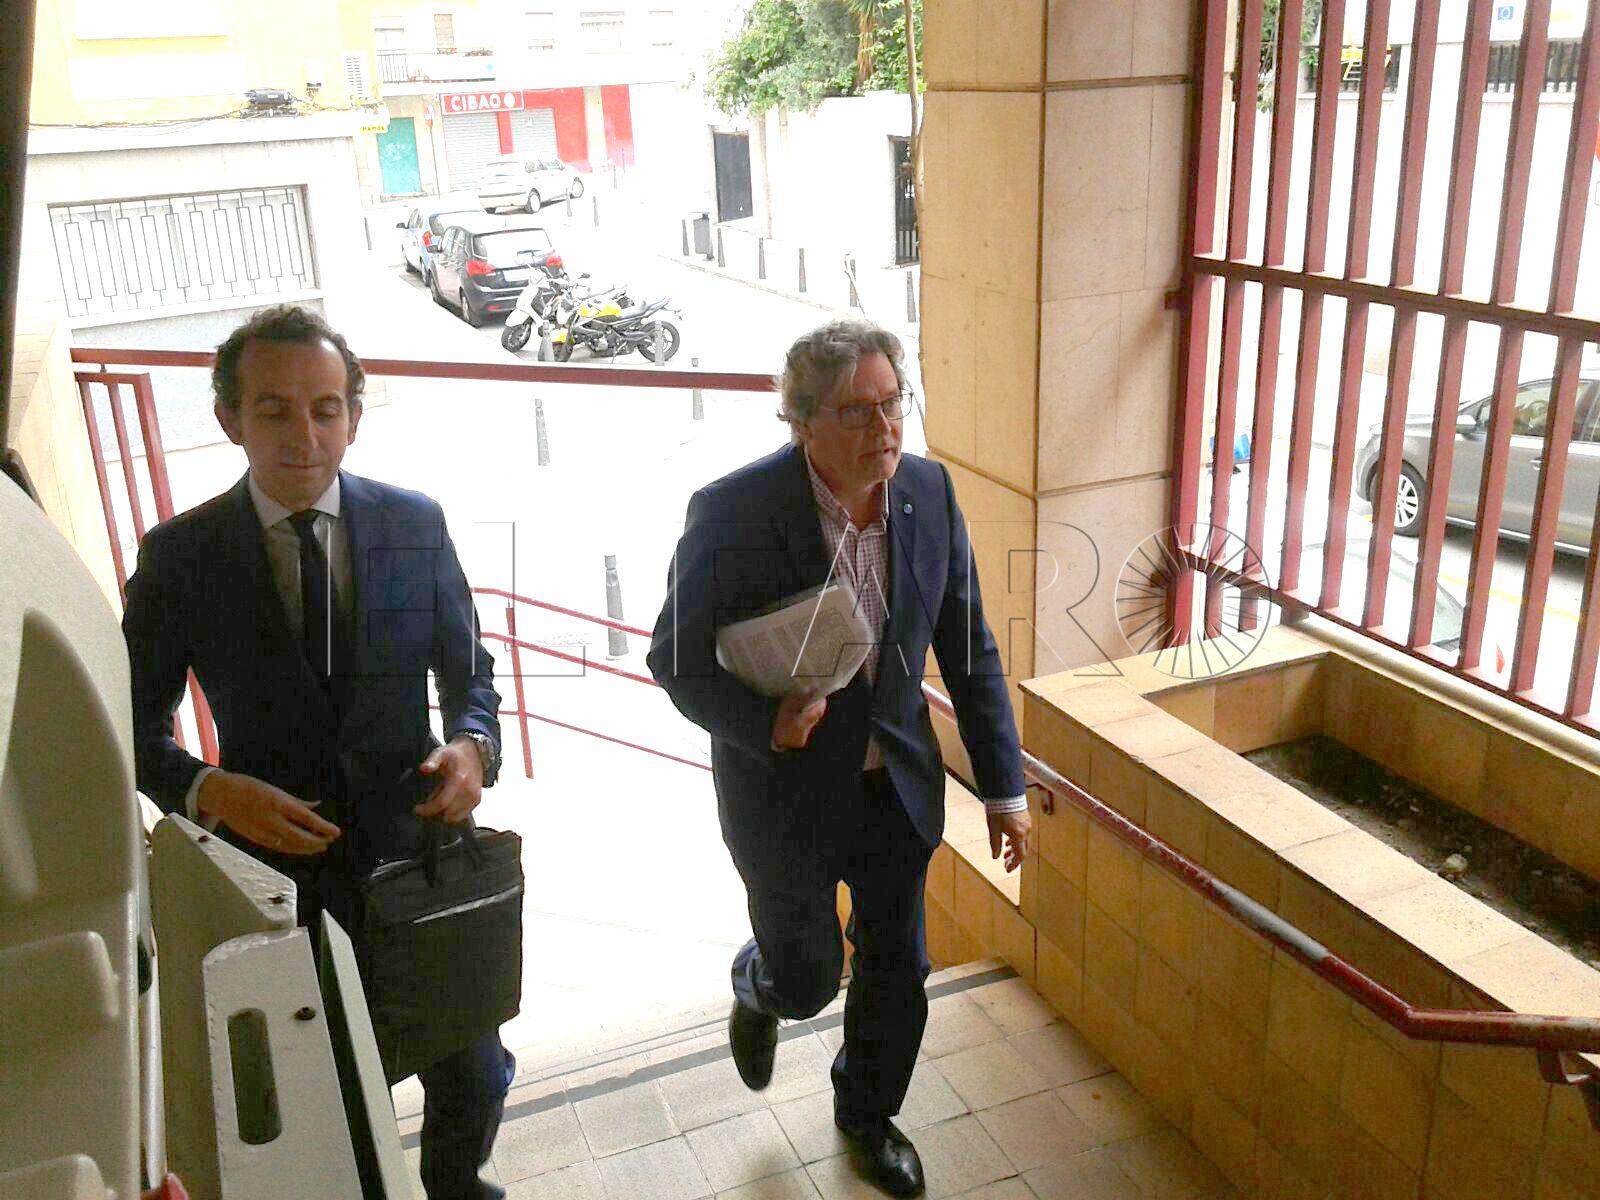 Carreira llega a los juzgados, citado por el caso del depósito de vehículos